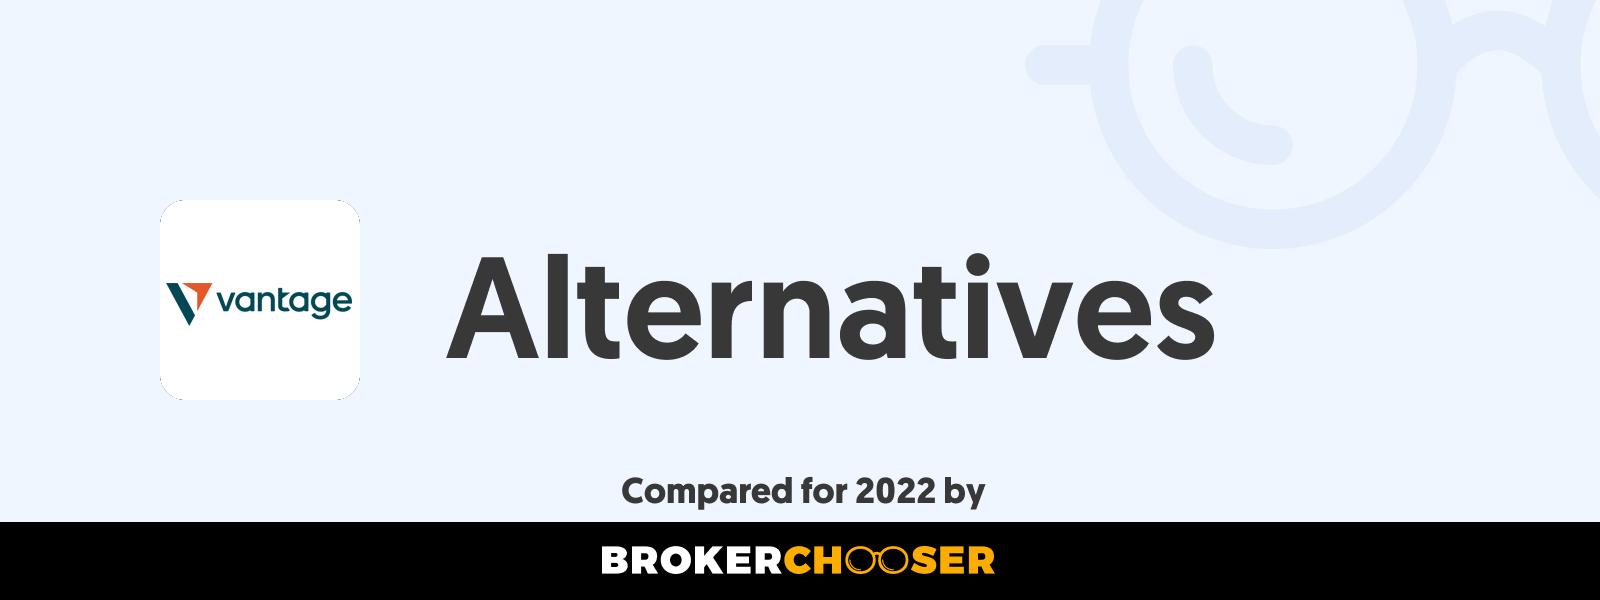 Vantage FX Alternatives